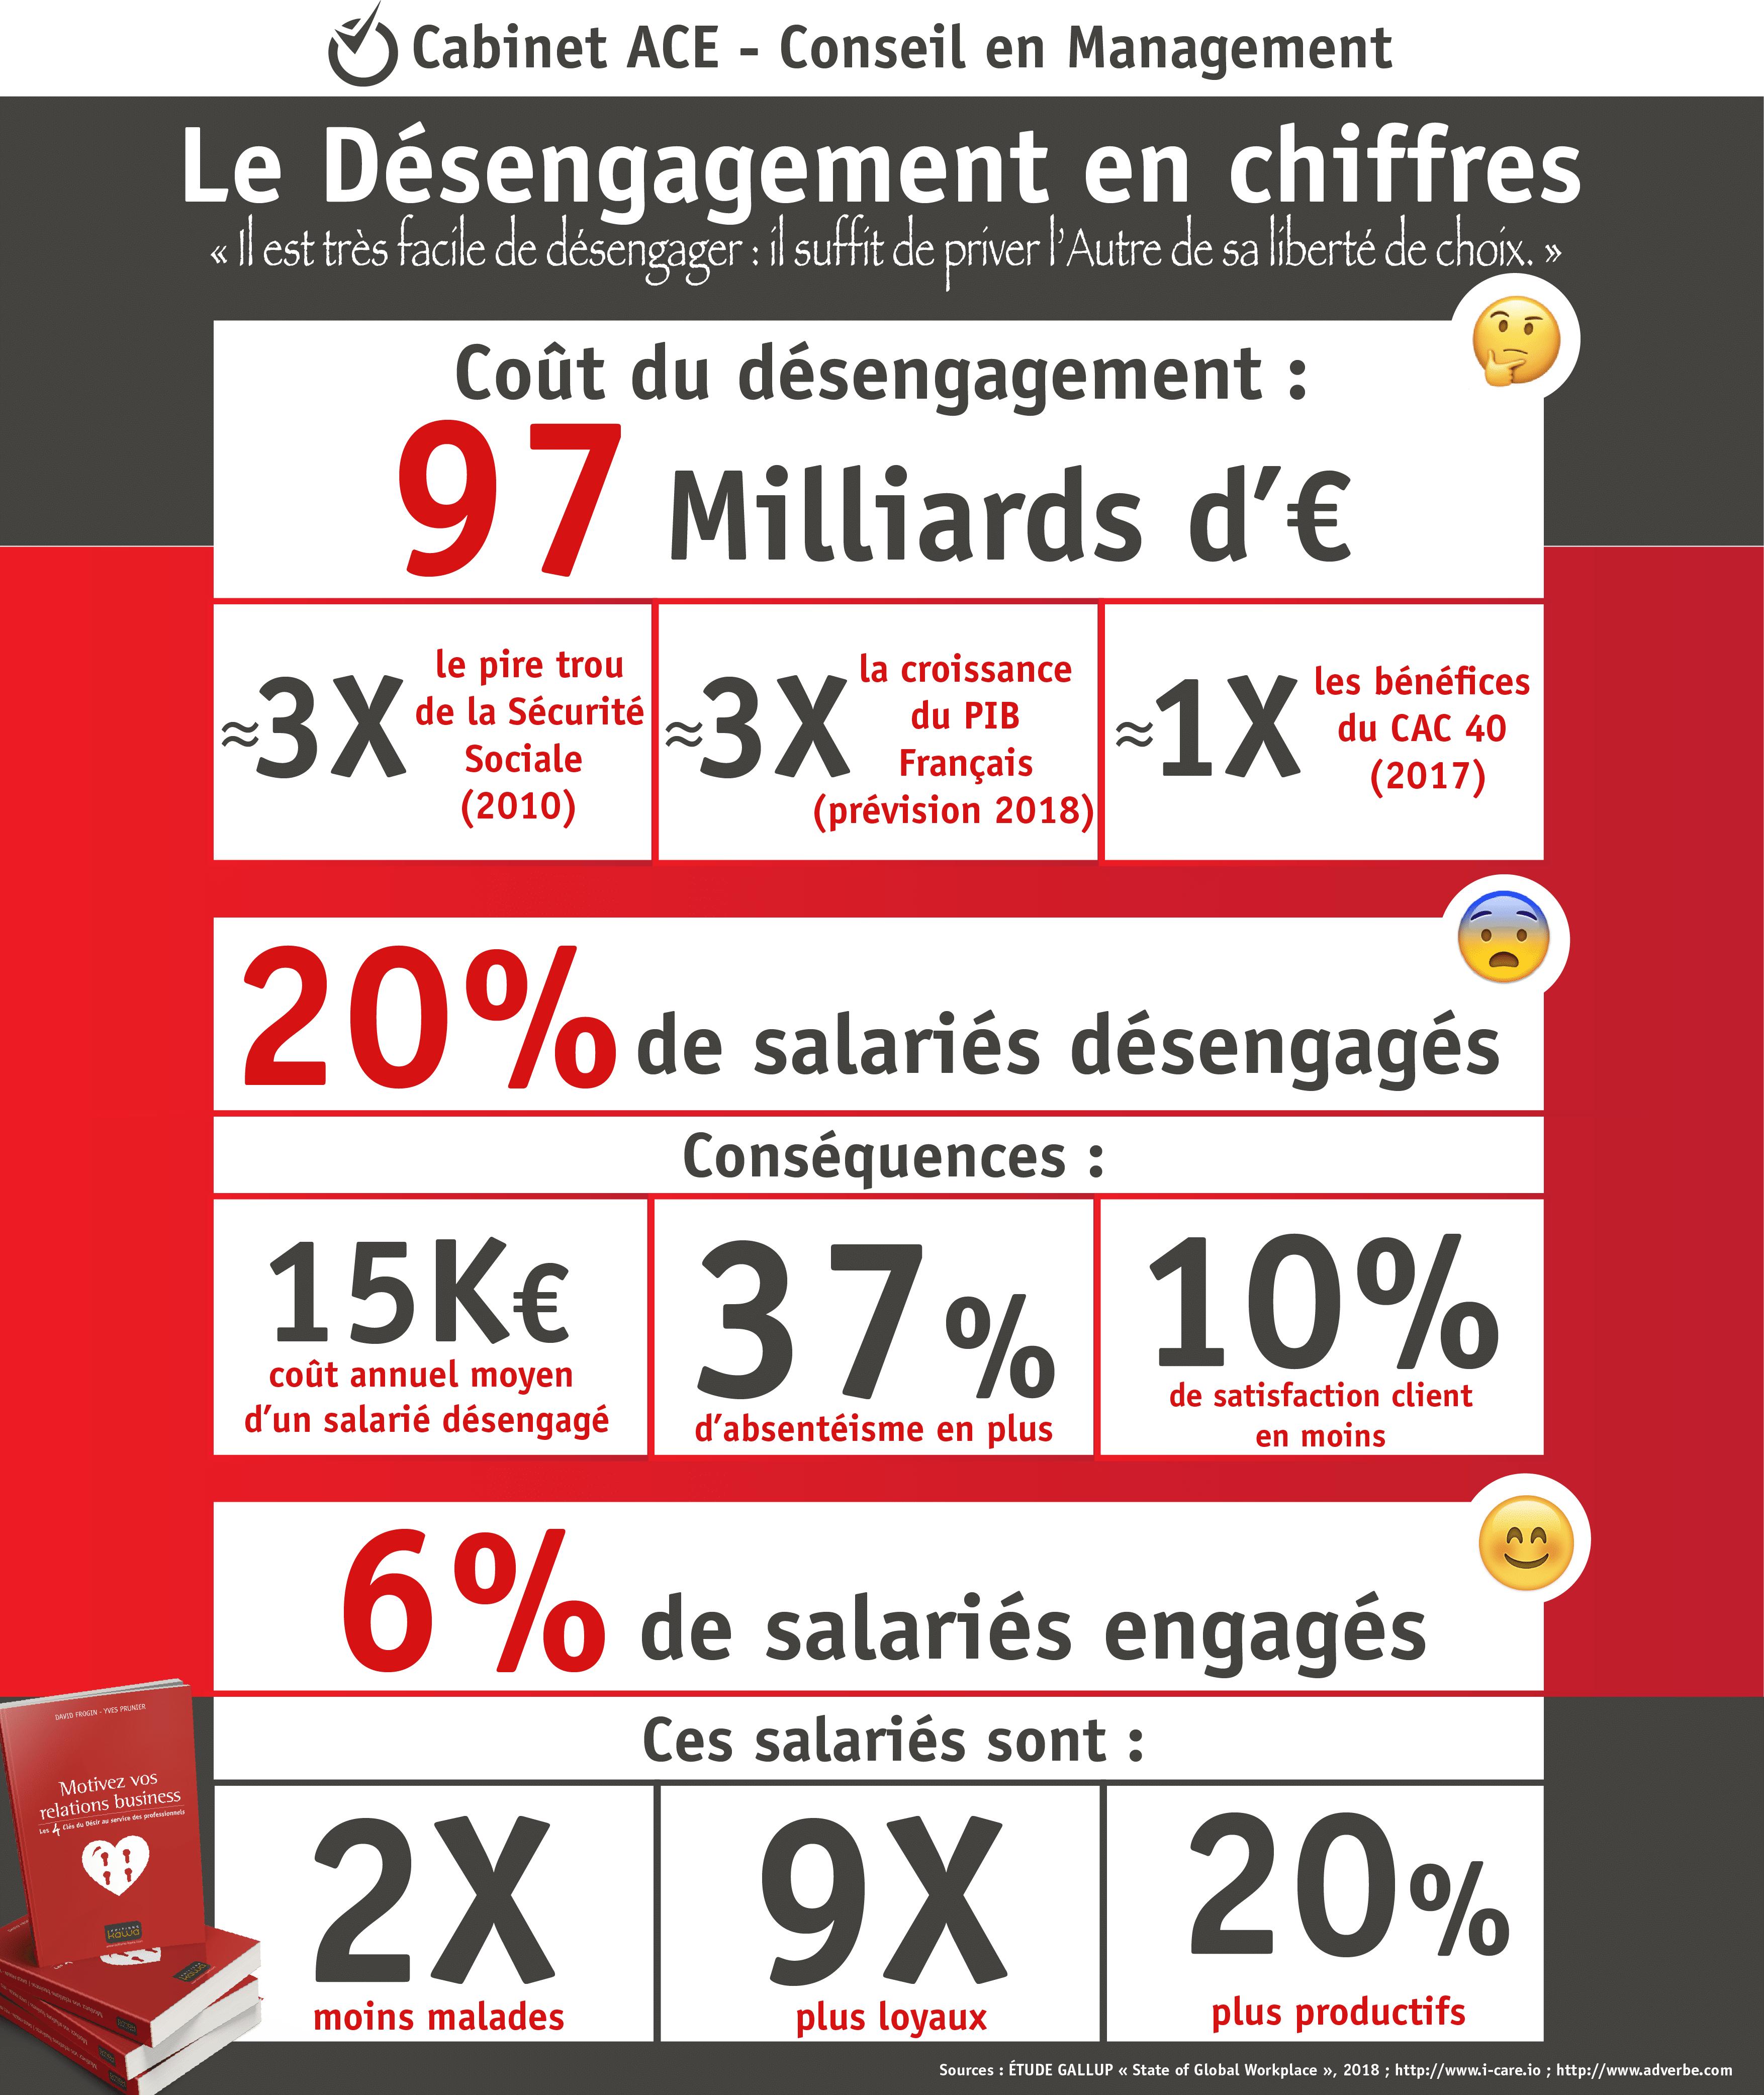 infographie cout du desengagement 97 milliards en france